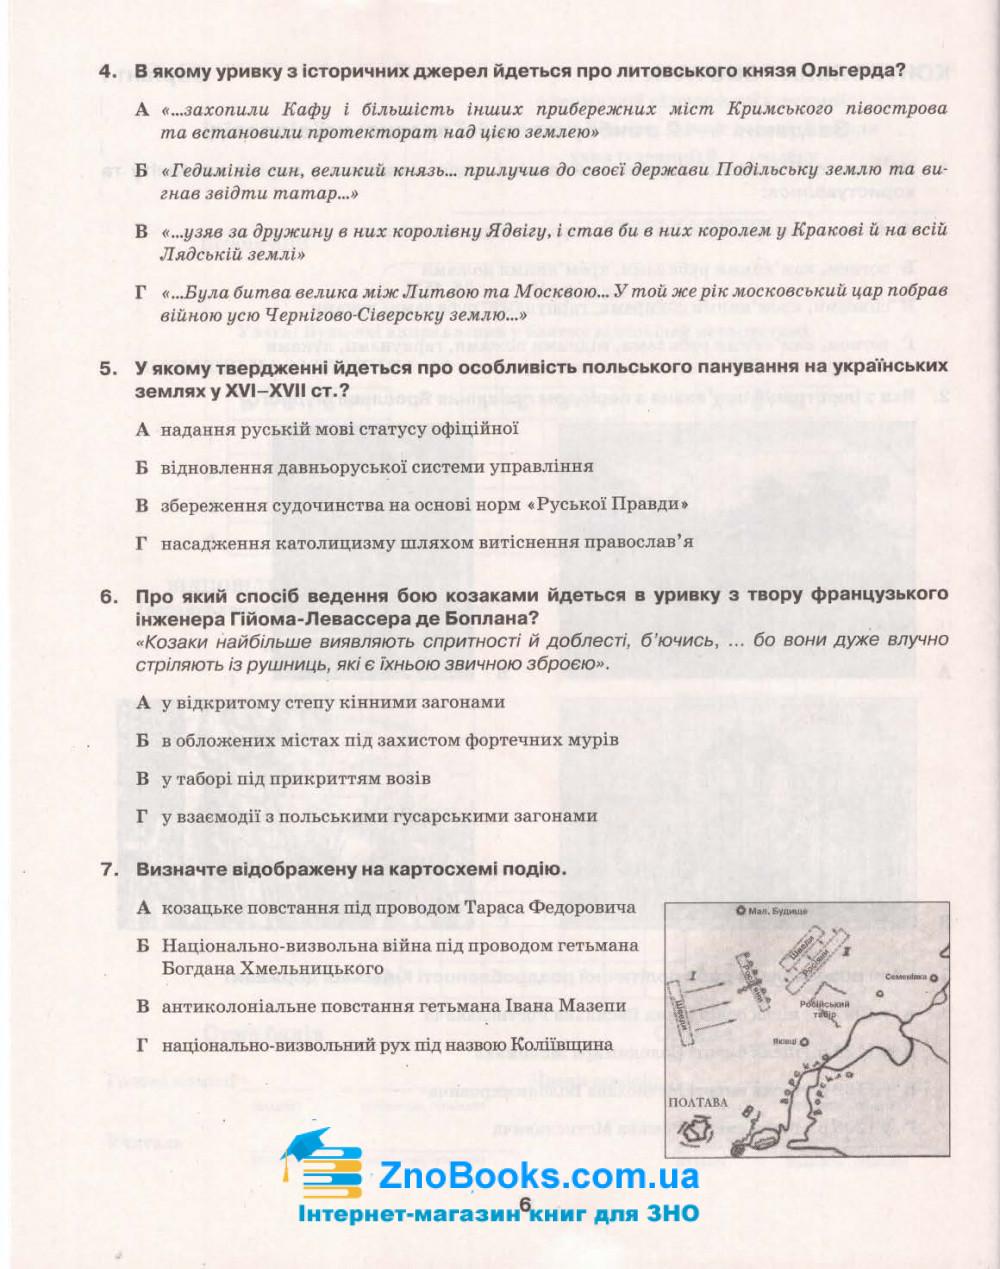 Гук О. ДПА 2021 Історія України 9 клас. Збірник завдань. Освіта купити 4